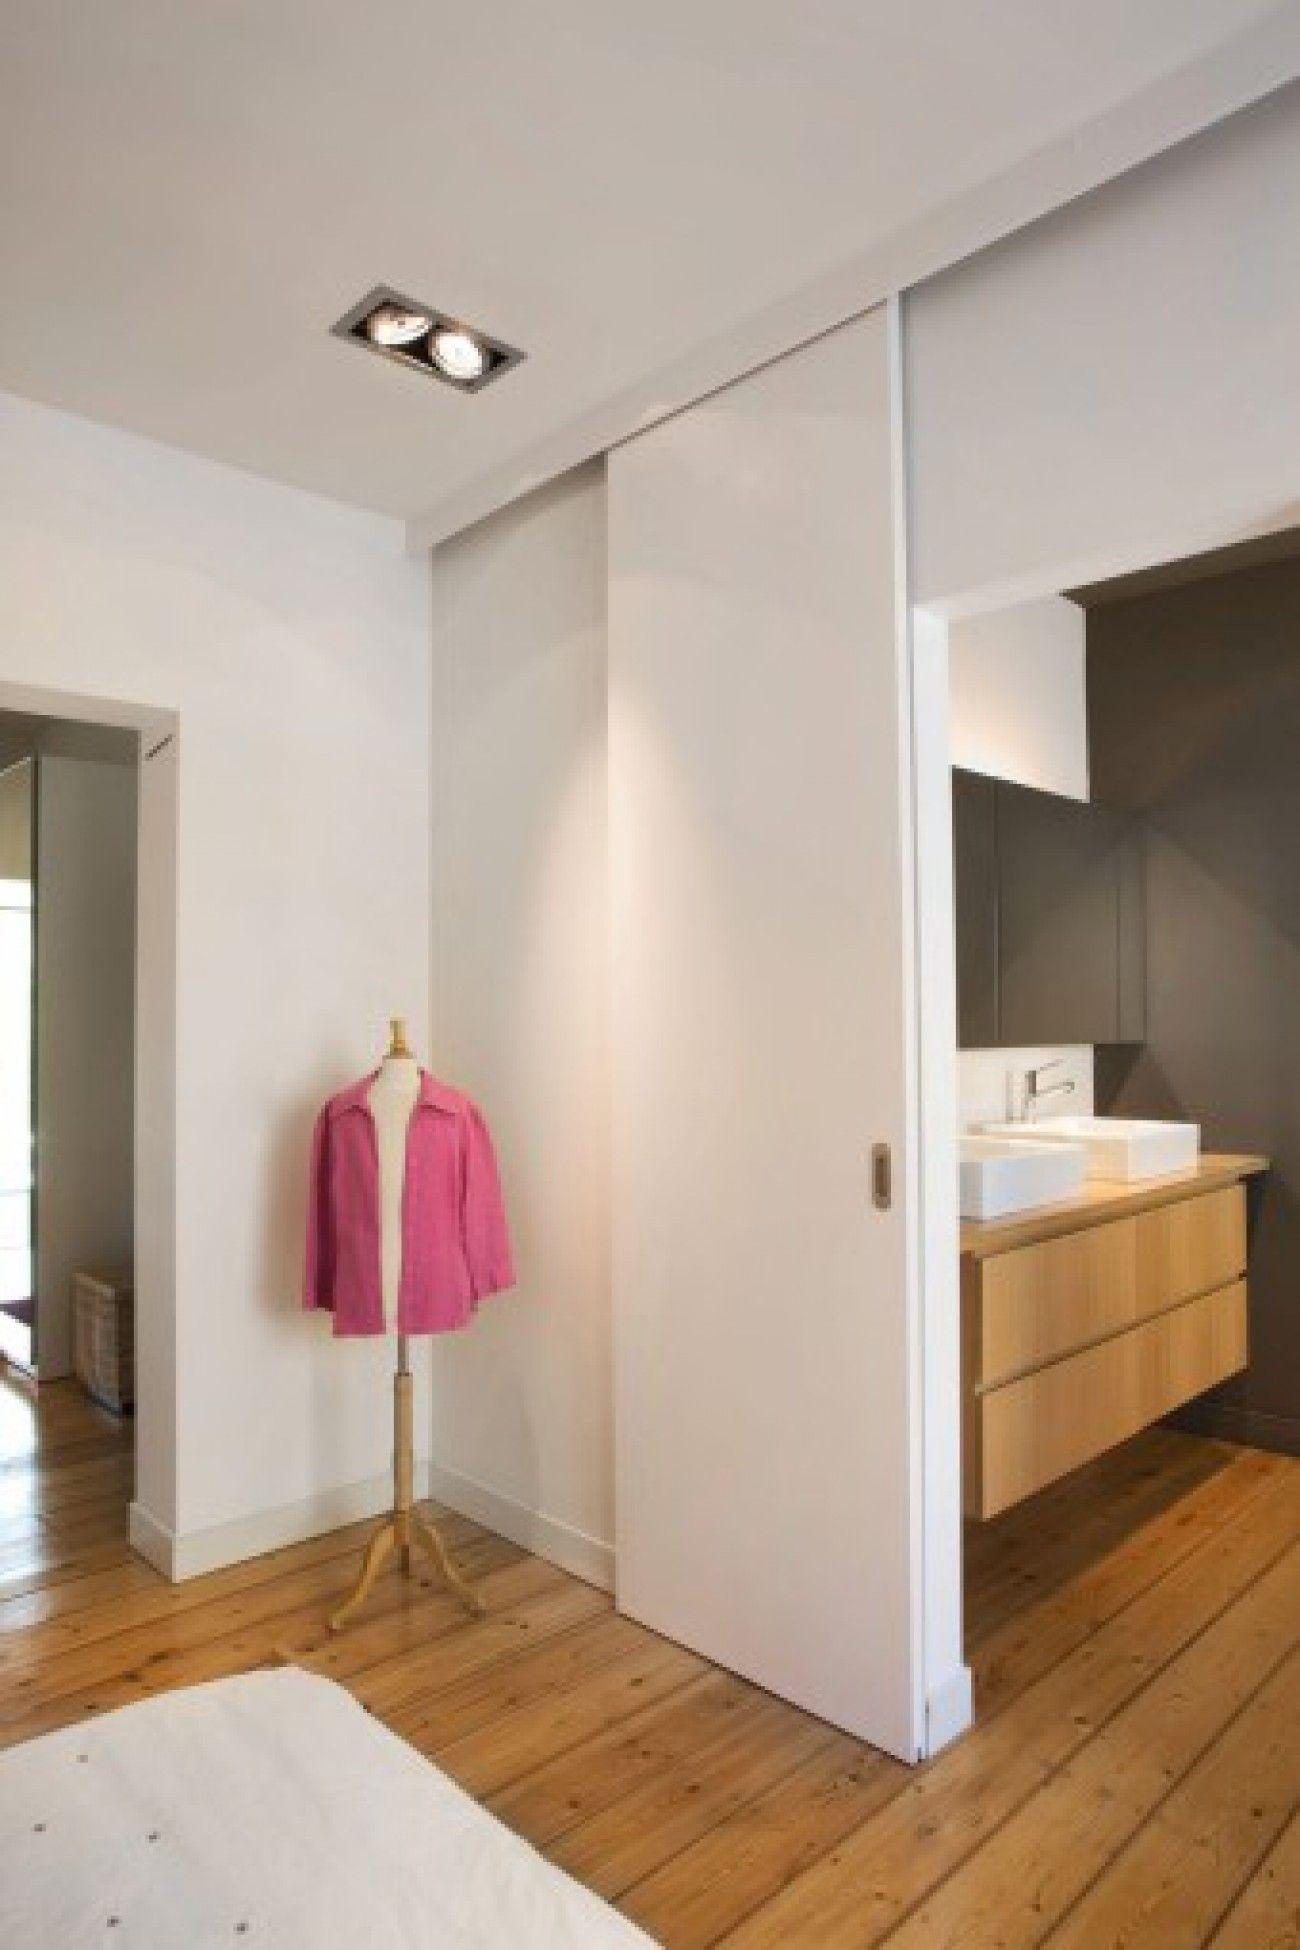 Schuifdeur In Badkamer.Schuifdeur Voor Badkamer Huis Badkamer In 2019 Bathroom Doors